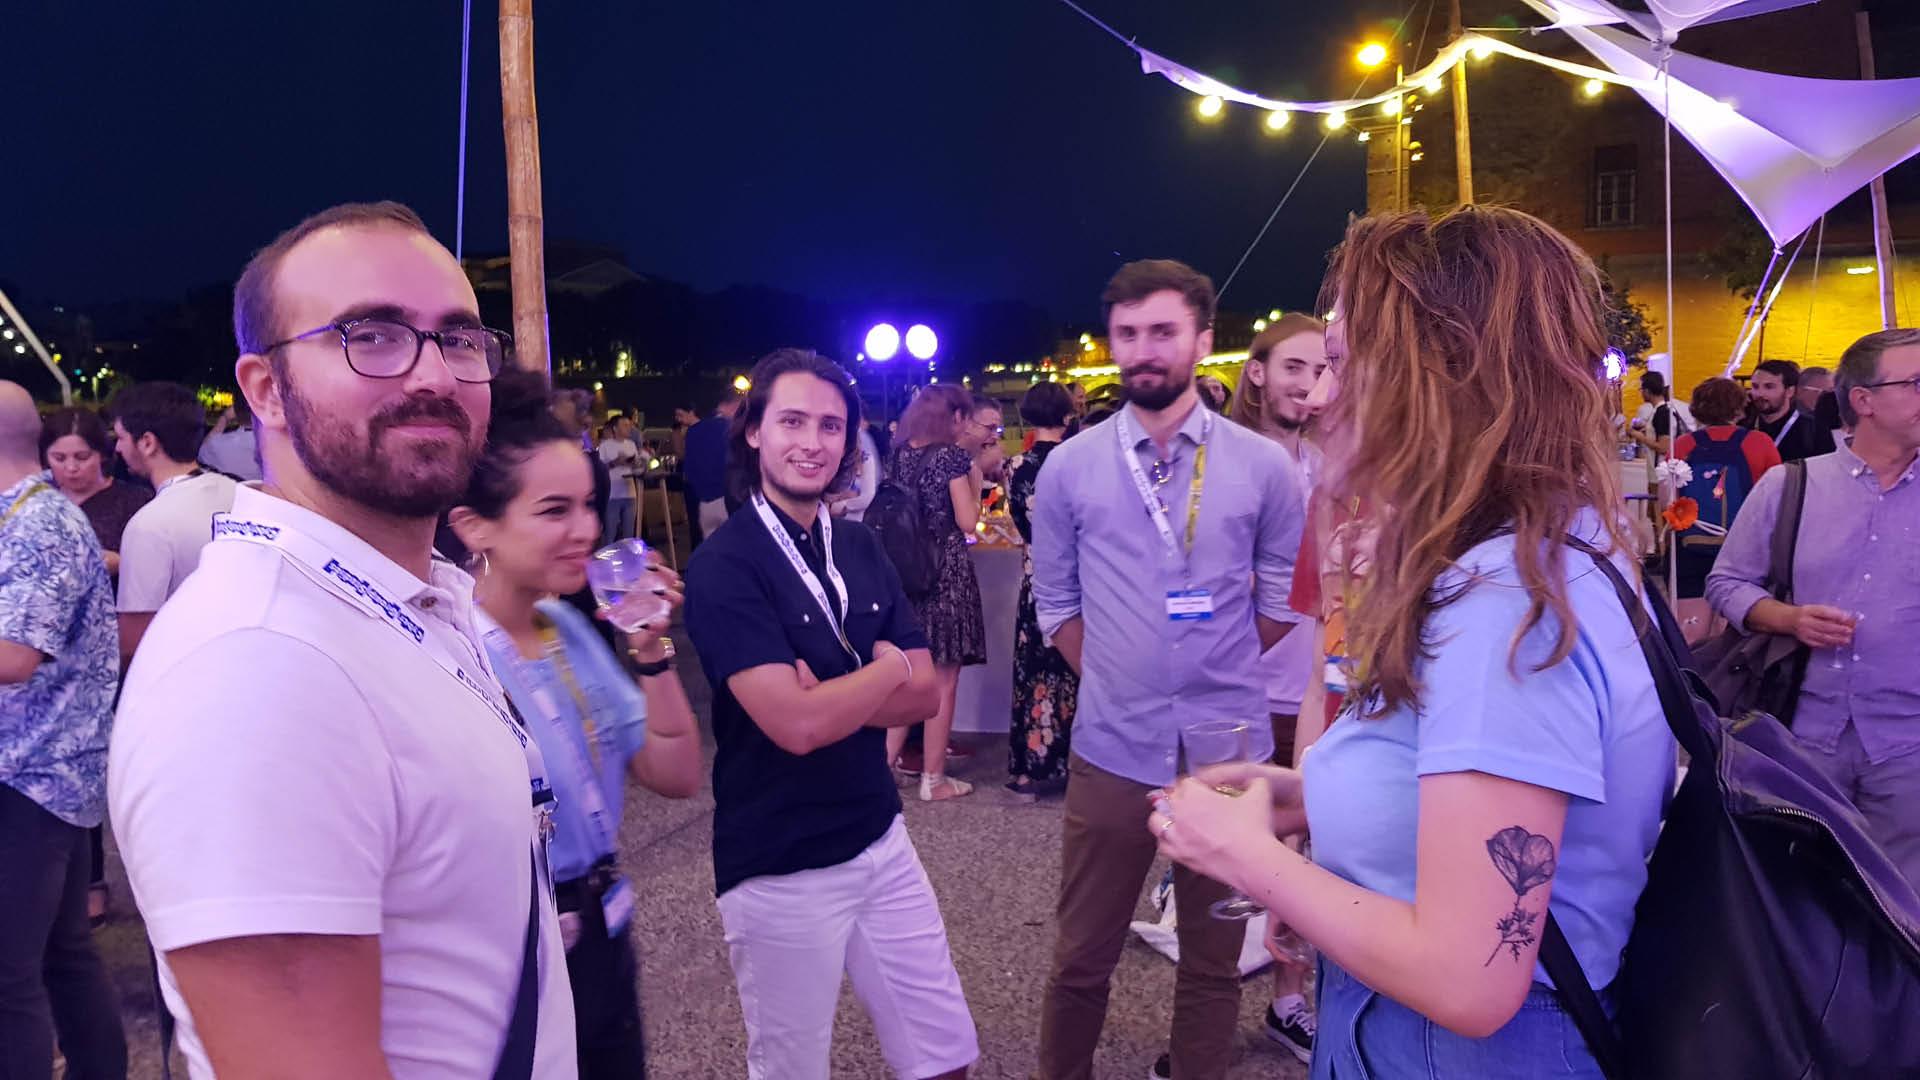 Etudiants de l'ESMA en soirée au Cartoon Forum 2019 à Toulouse